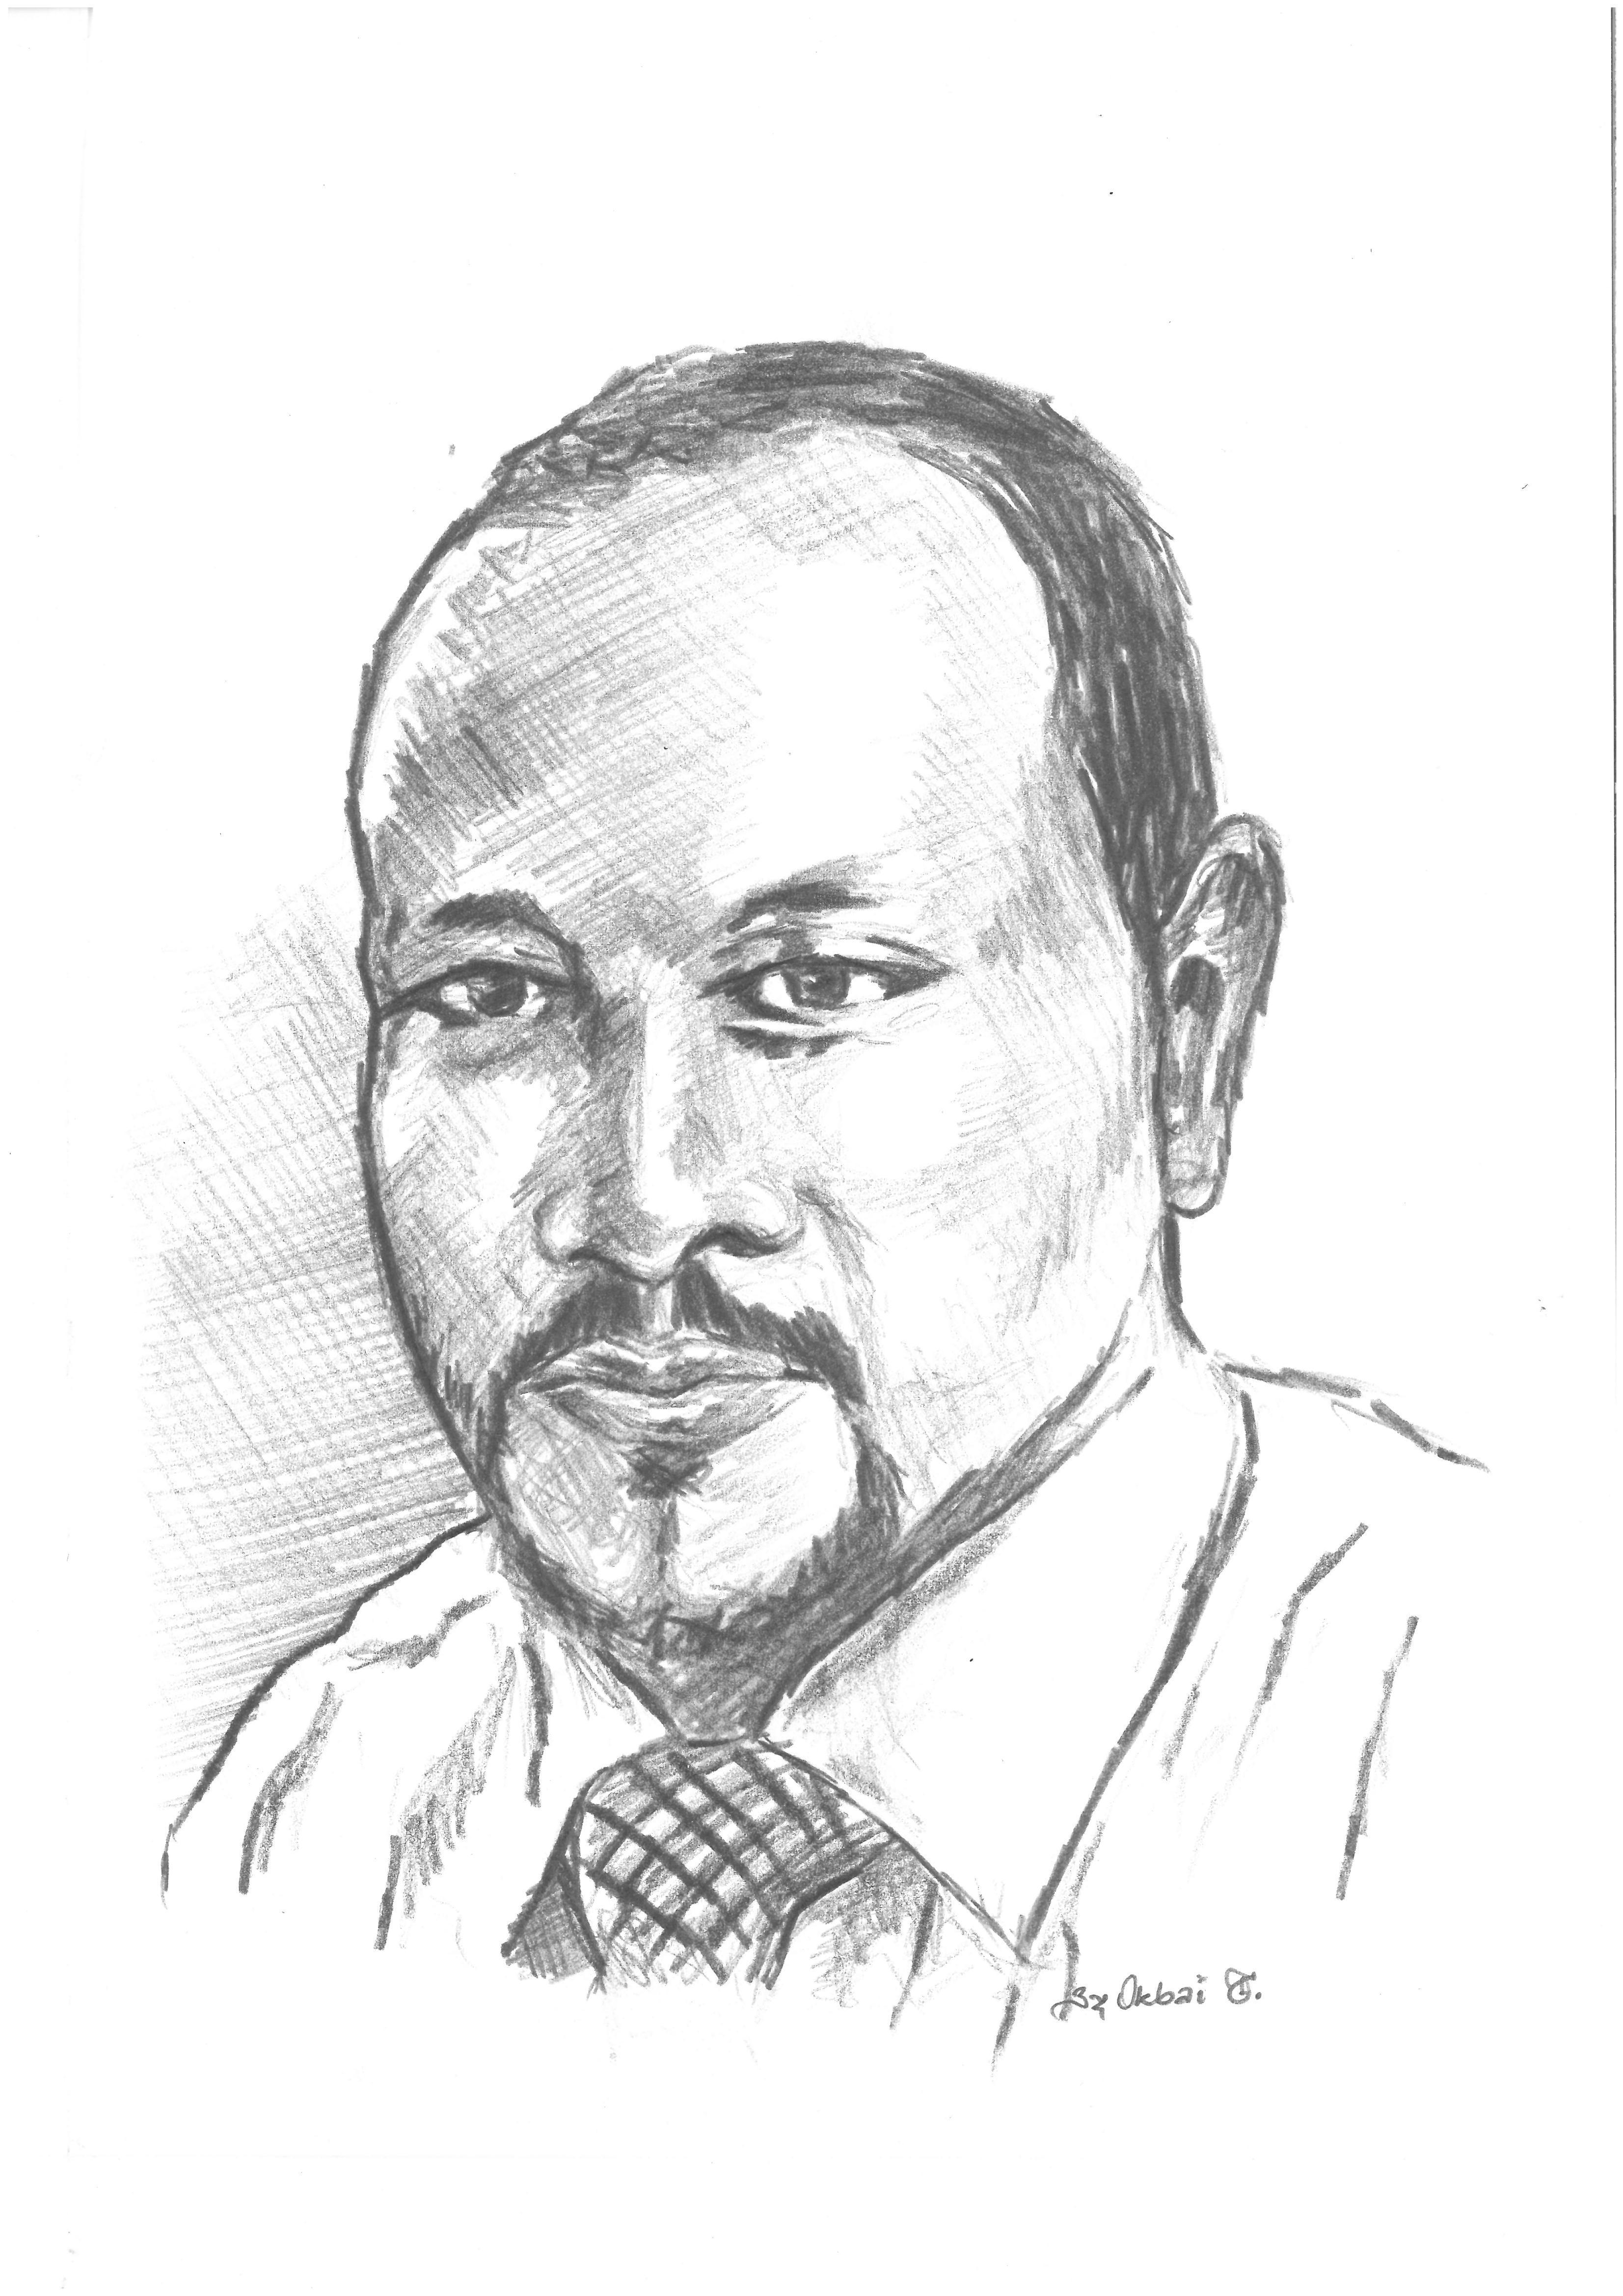 Das Bild zeigt ein gezeichnetes Porträt von Mesfin Mulugeta Woldegiorgis